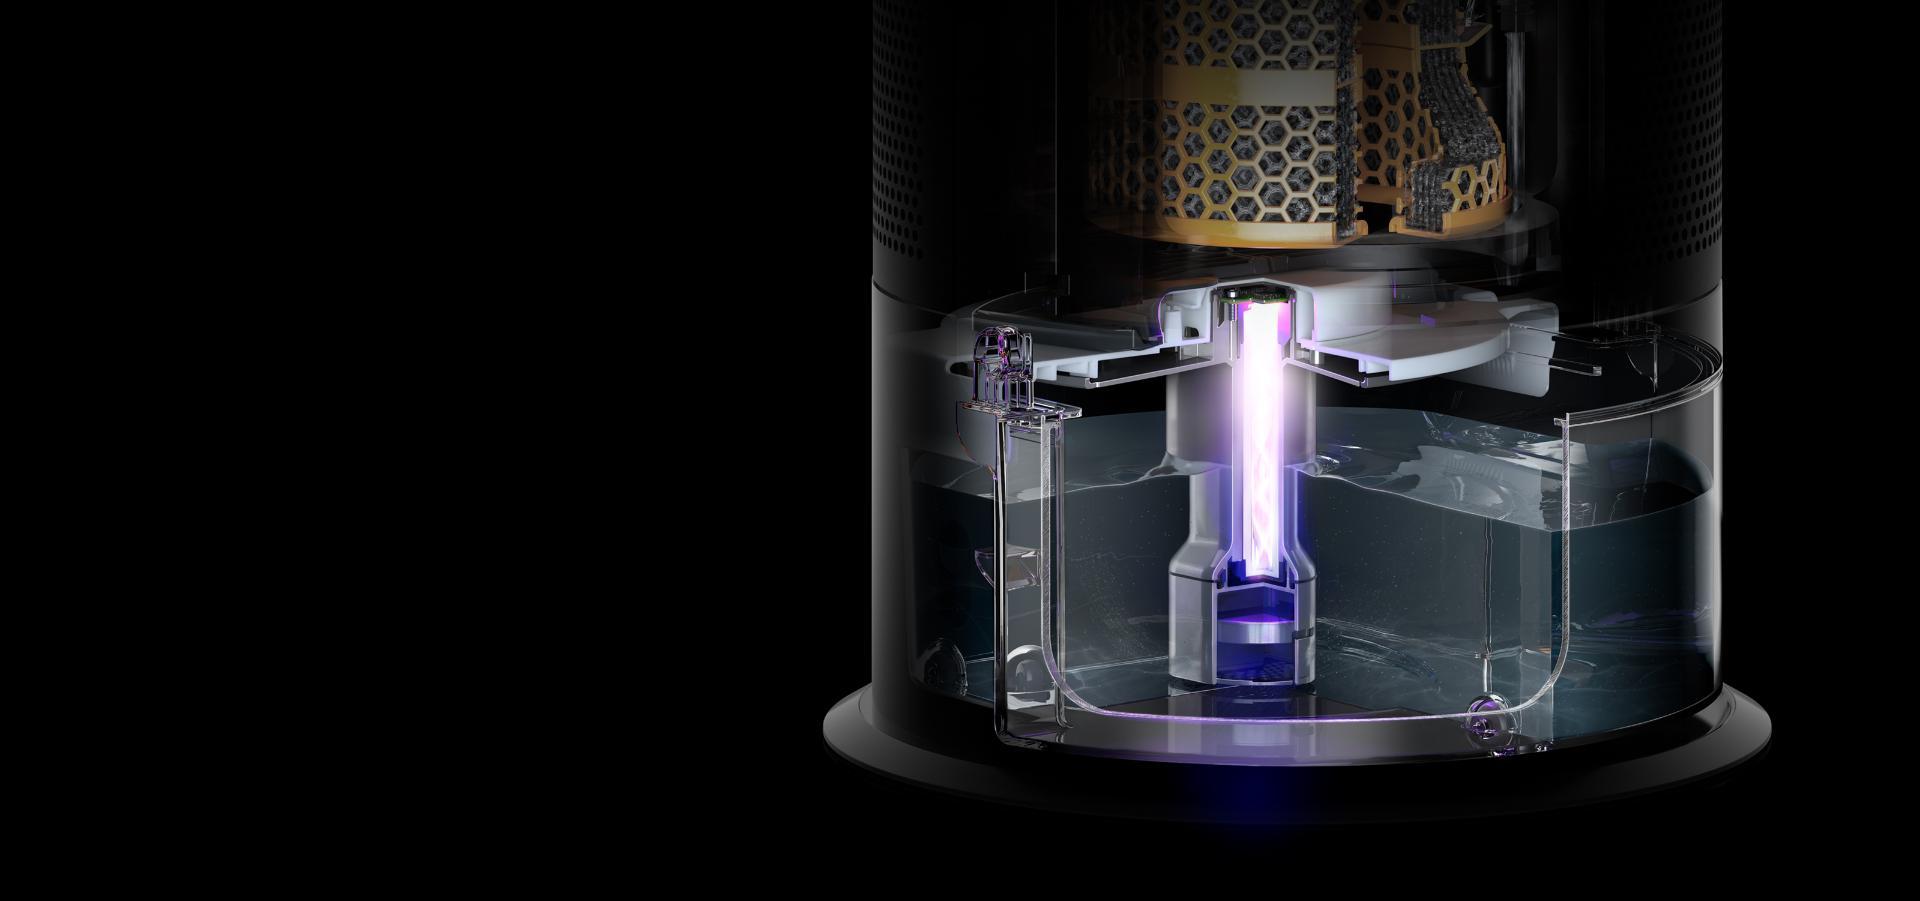 밝은 자외선이 물 속을 비추고 있는 다이슨 가습 공기청정기의 물 탱크 내부